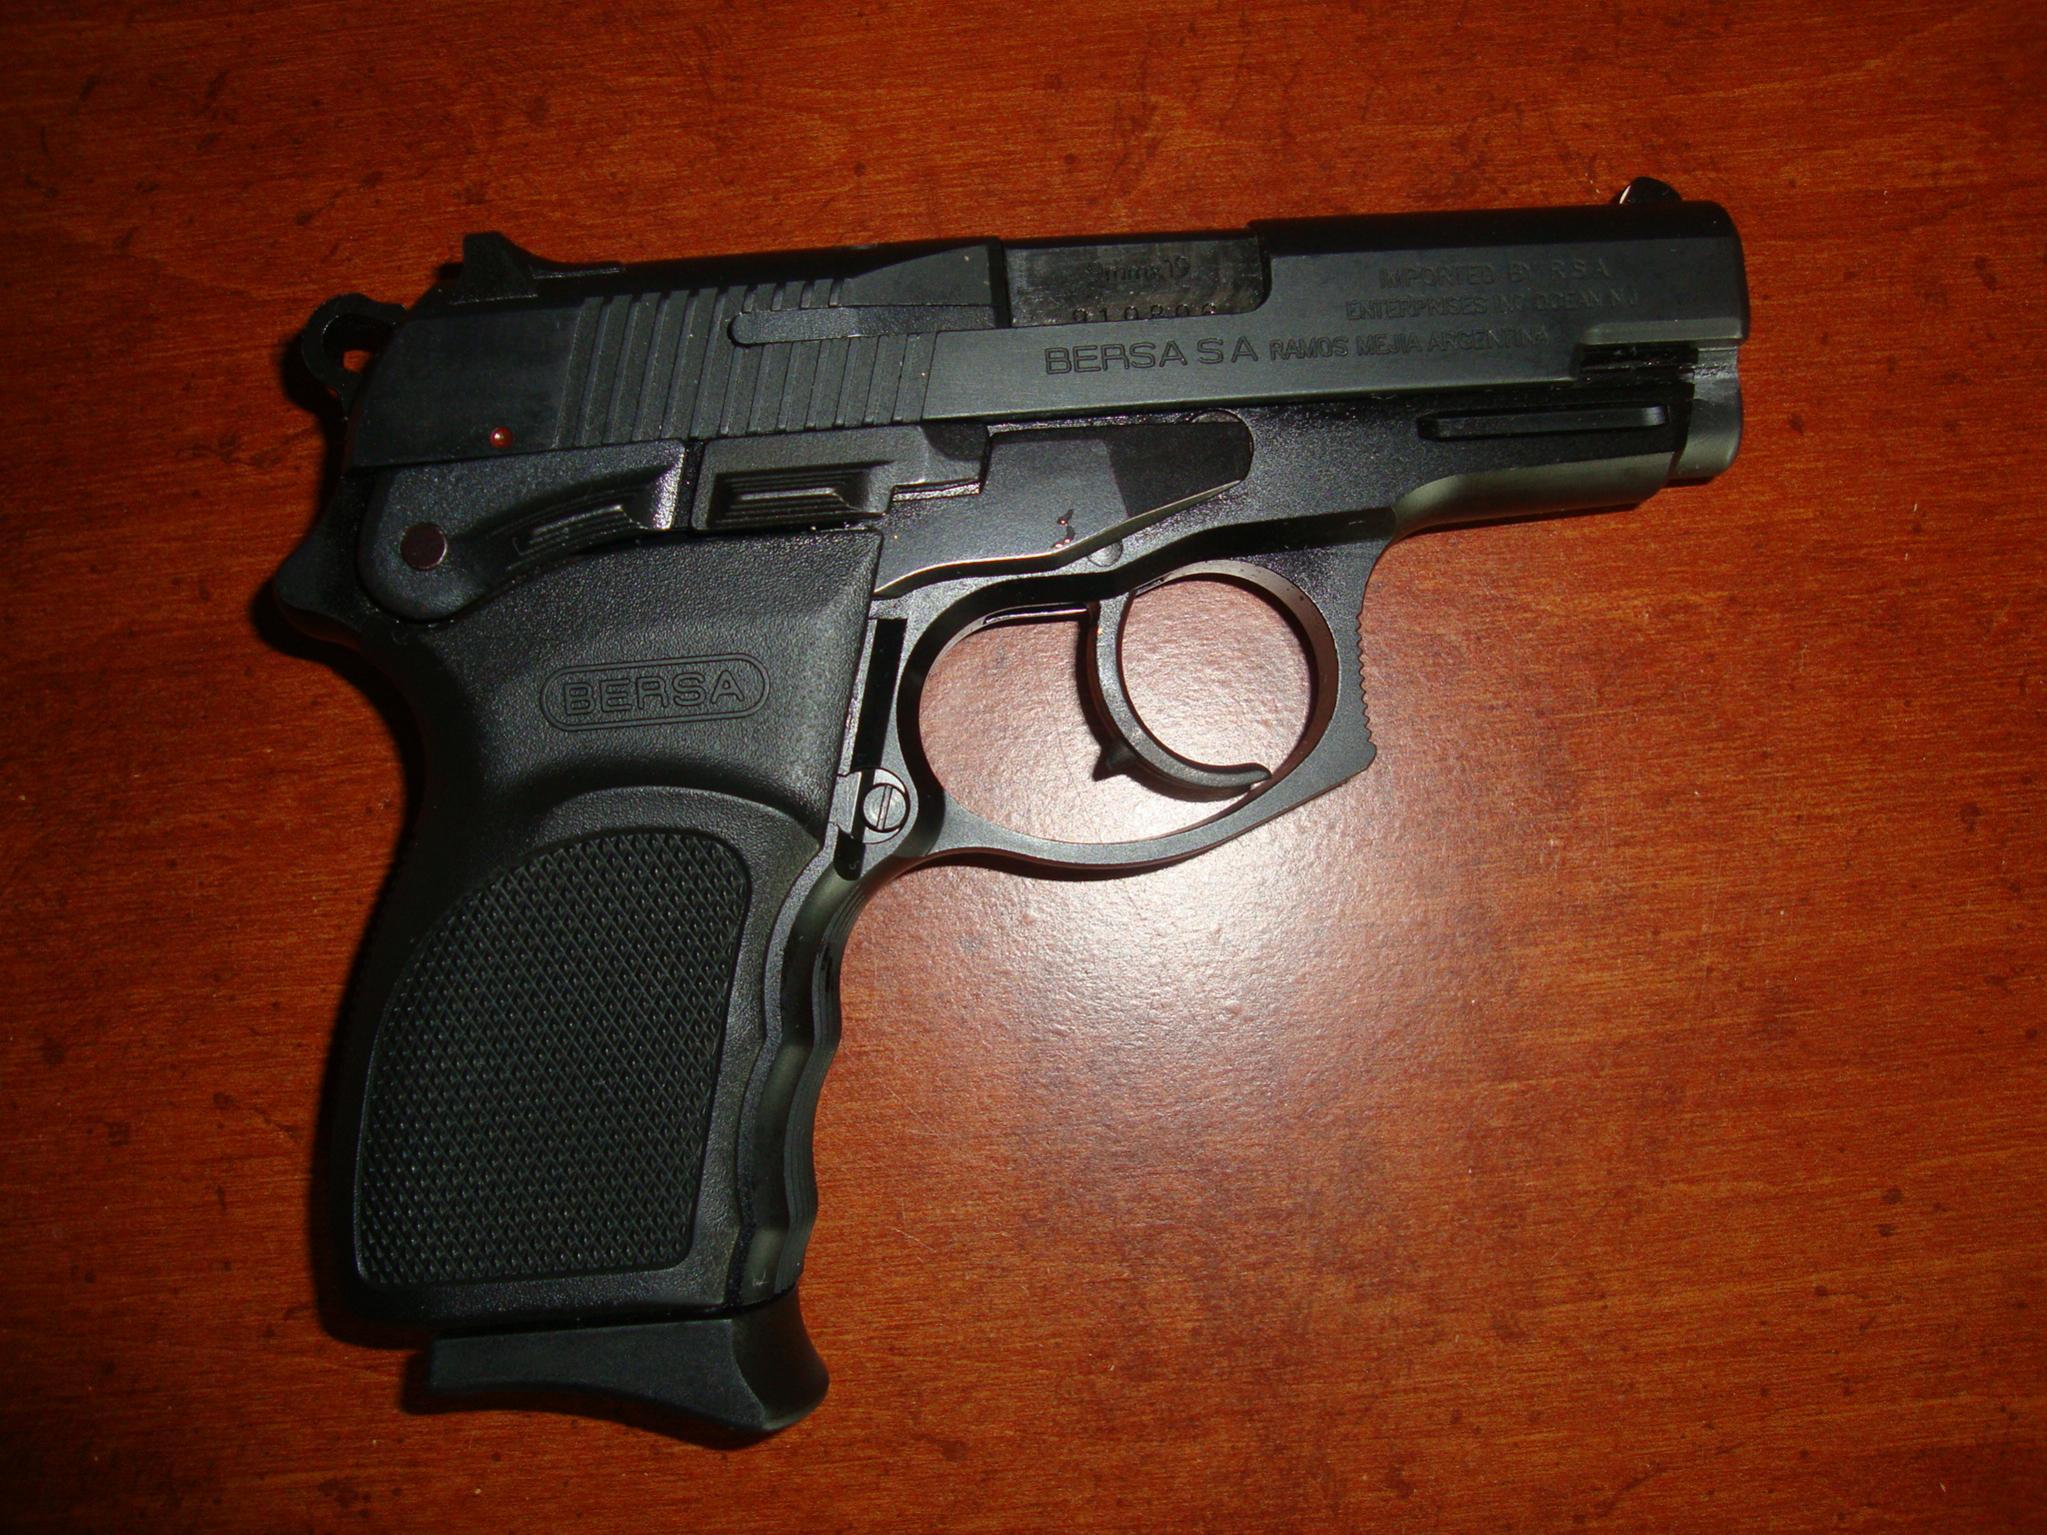 Sub compact DA/SA guns for CCW?-dsc00891.jpg